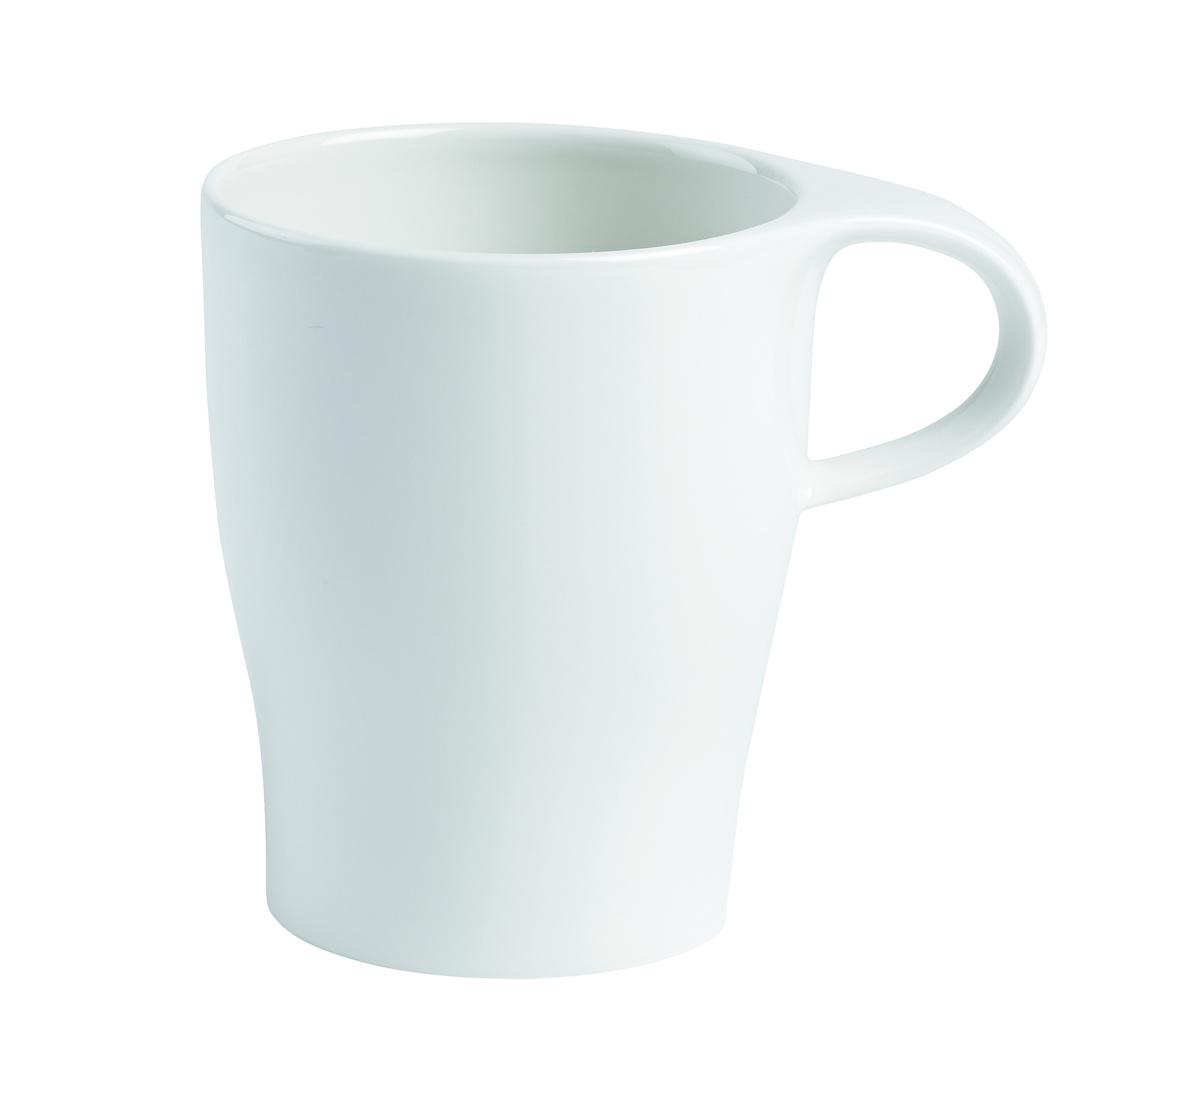 Mug rond ivoire porcelaine 38 cl Artesano Villeroy & Boch